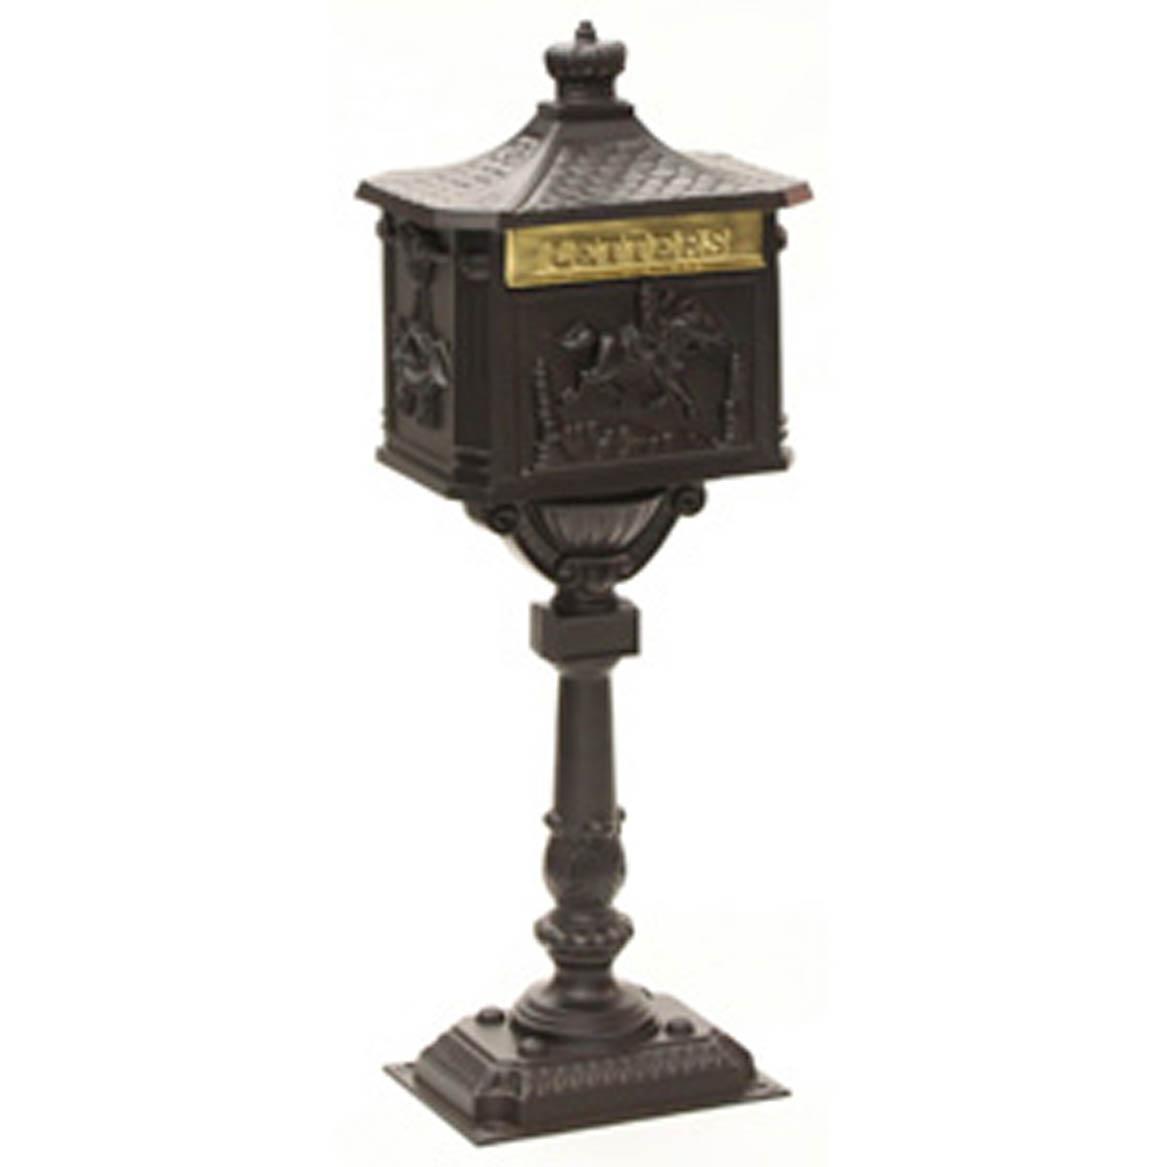 Amco Victorian mailbox with Post Dark Bronze